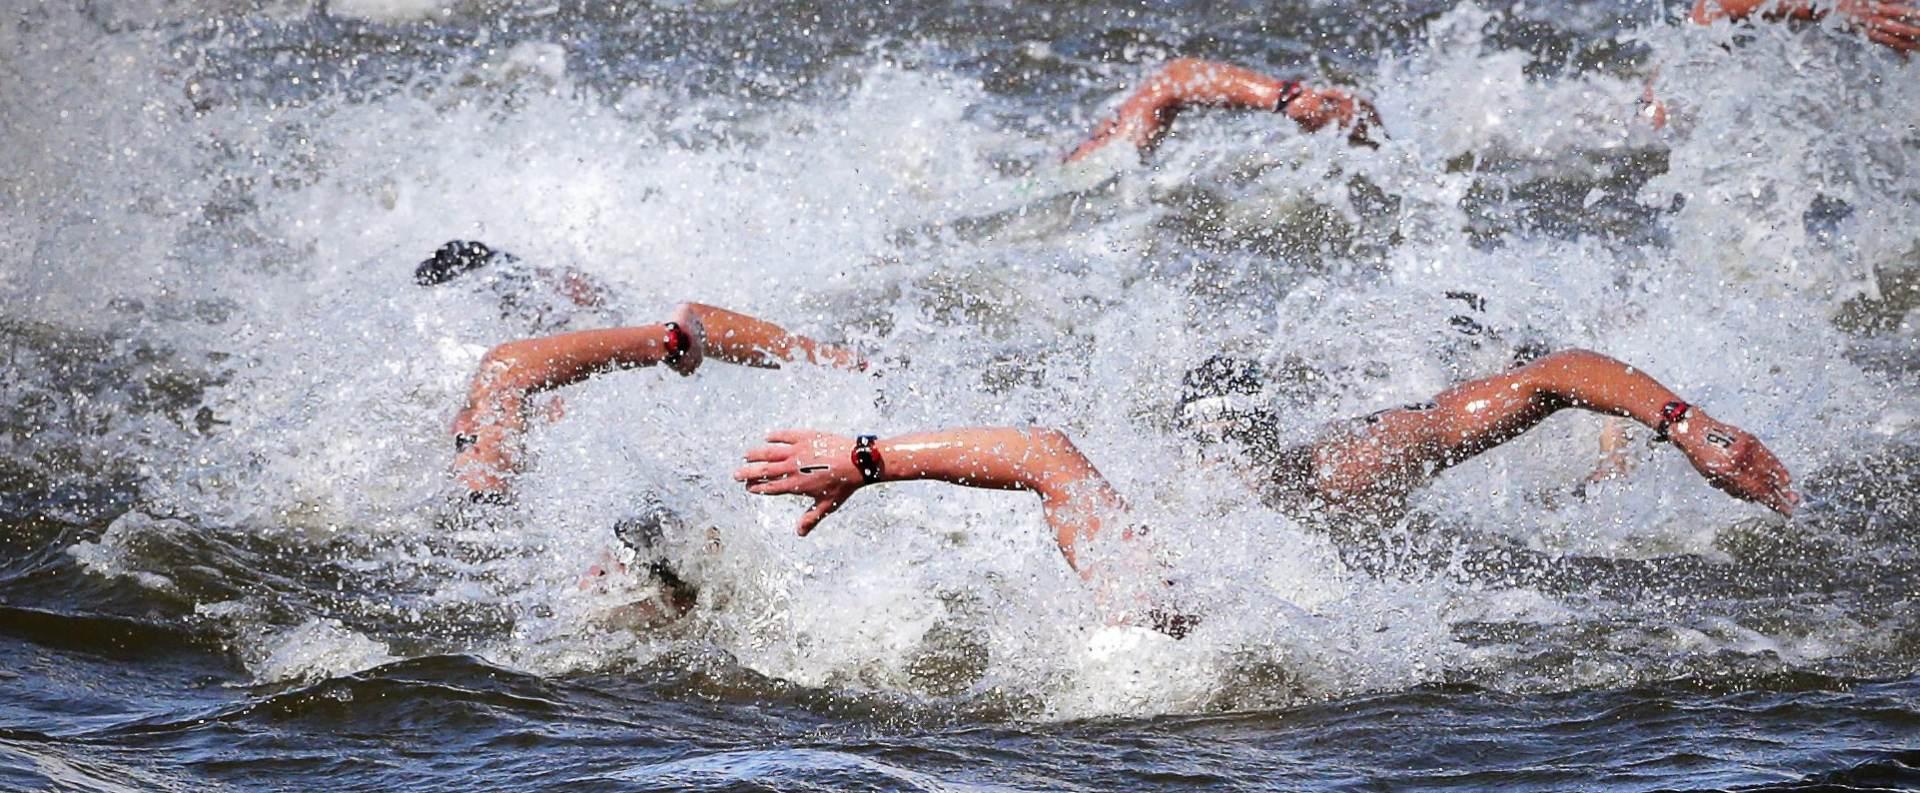 ZANIMLJIVO Mala količina Viagre mogla bi poštedjeti sportaše od pojave plućnog edema